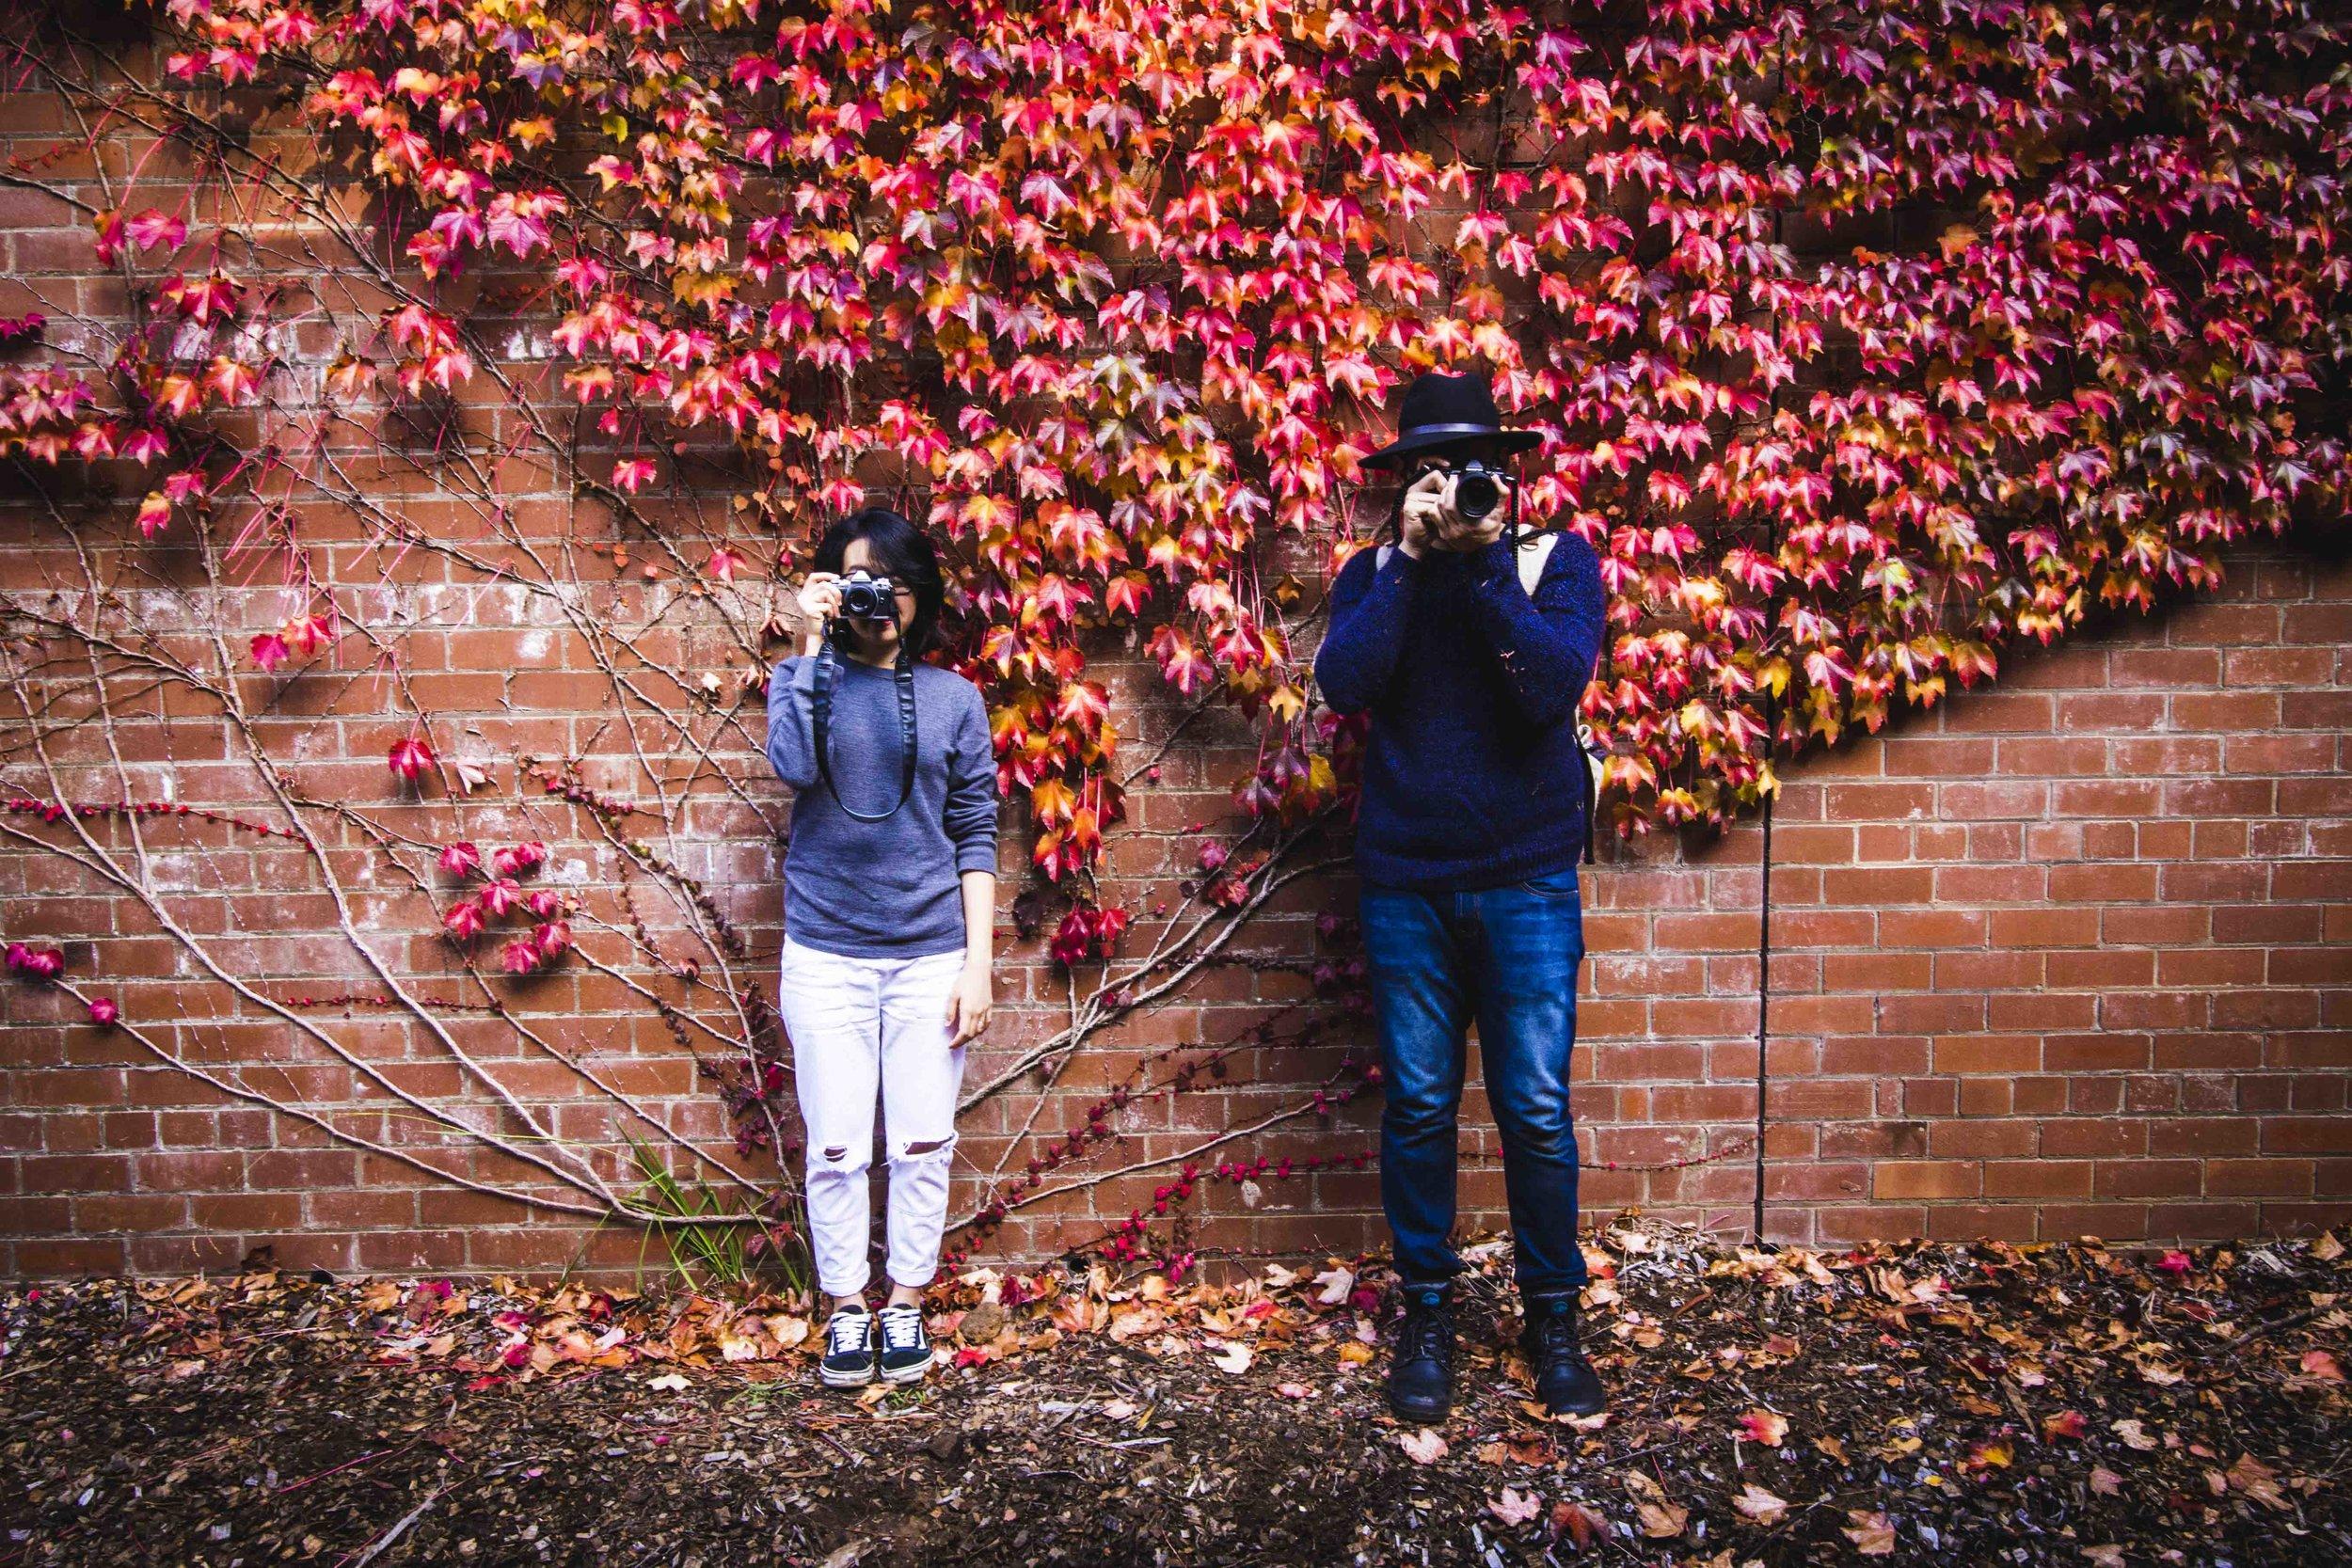 Autumn in Mount Wilson. Photo: Marine Raynard